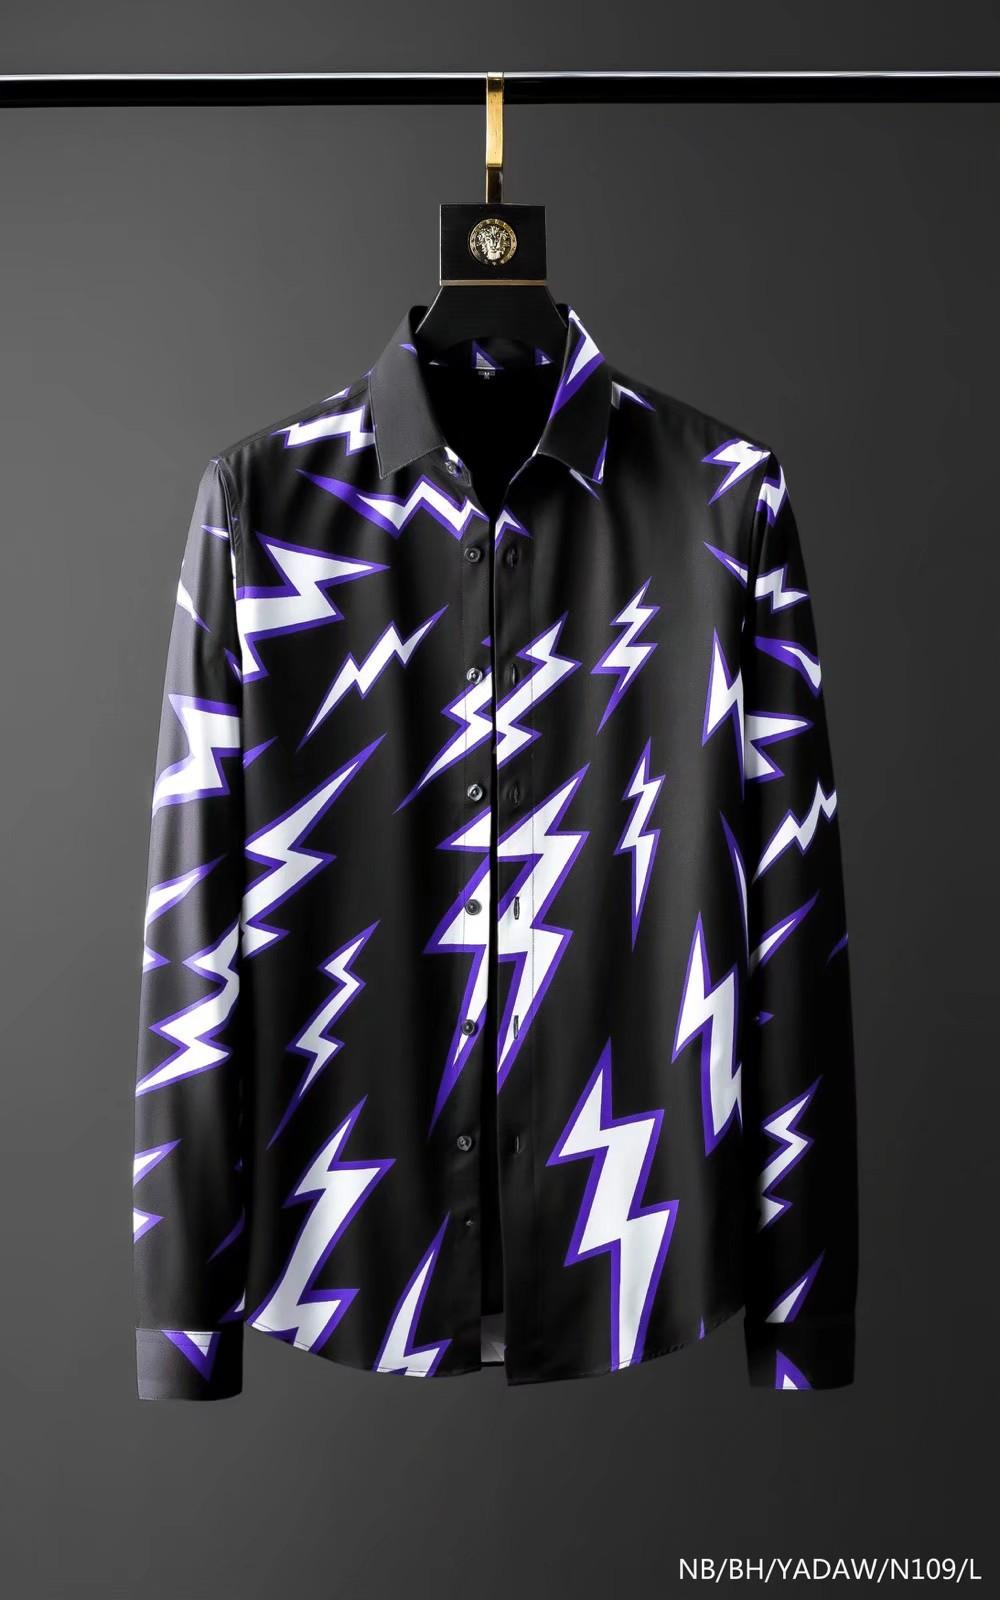 Camicia di design della camicia di marca Mens Camicia francese Parigi Abiti da marca 105 Uomo maschile Camicia a maniche lunghe stile hip hop stile di alta qualità cotone 2019 Nuovo arrivo